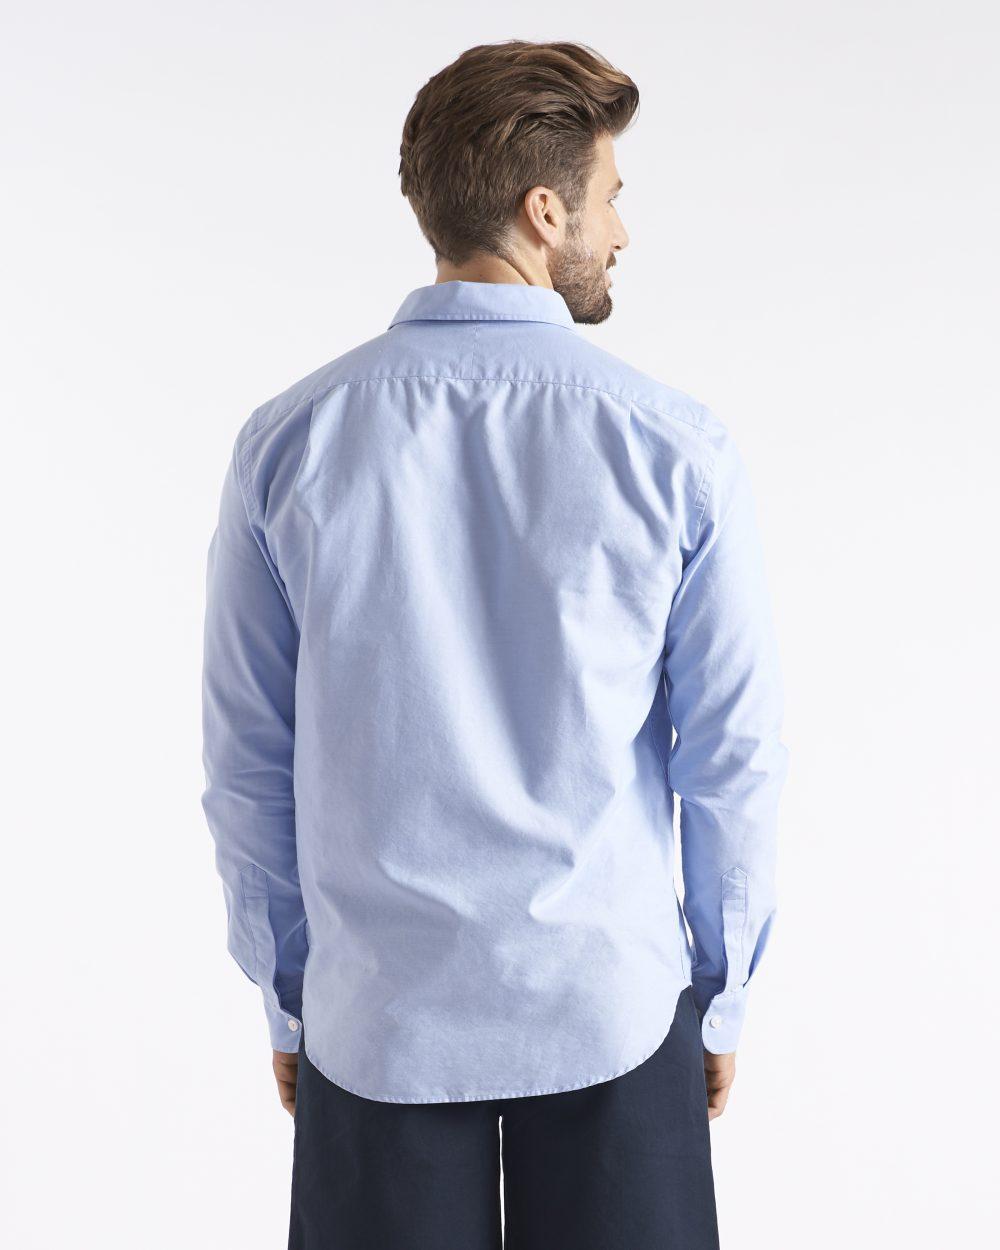 Miesten vaaleansininen Oxford-paita takaapäin